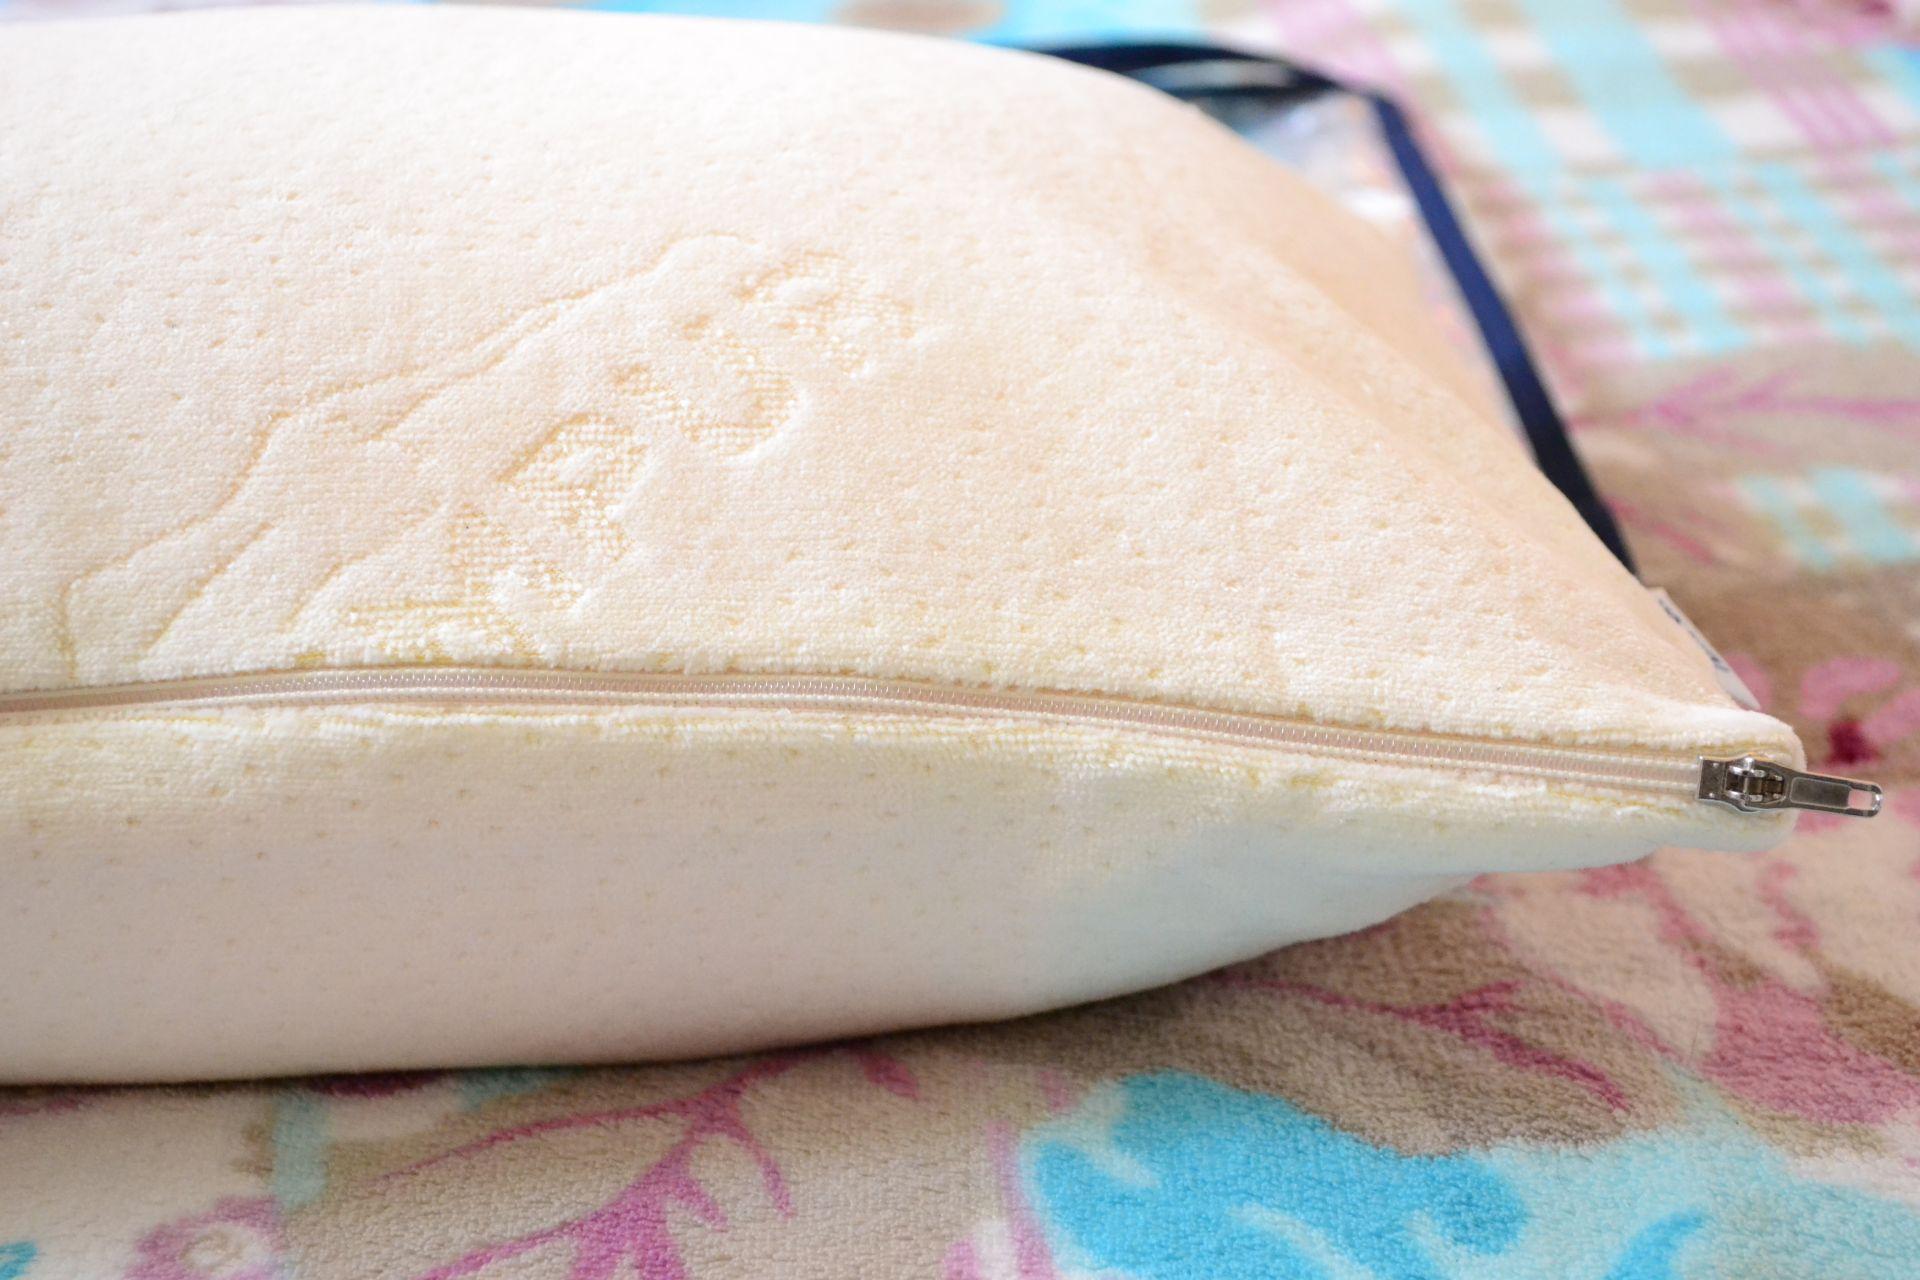 tempur-travel-pillow-cover